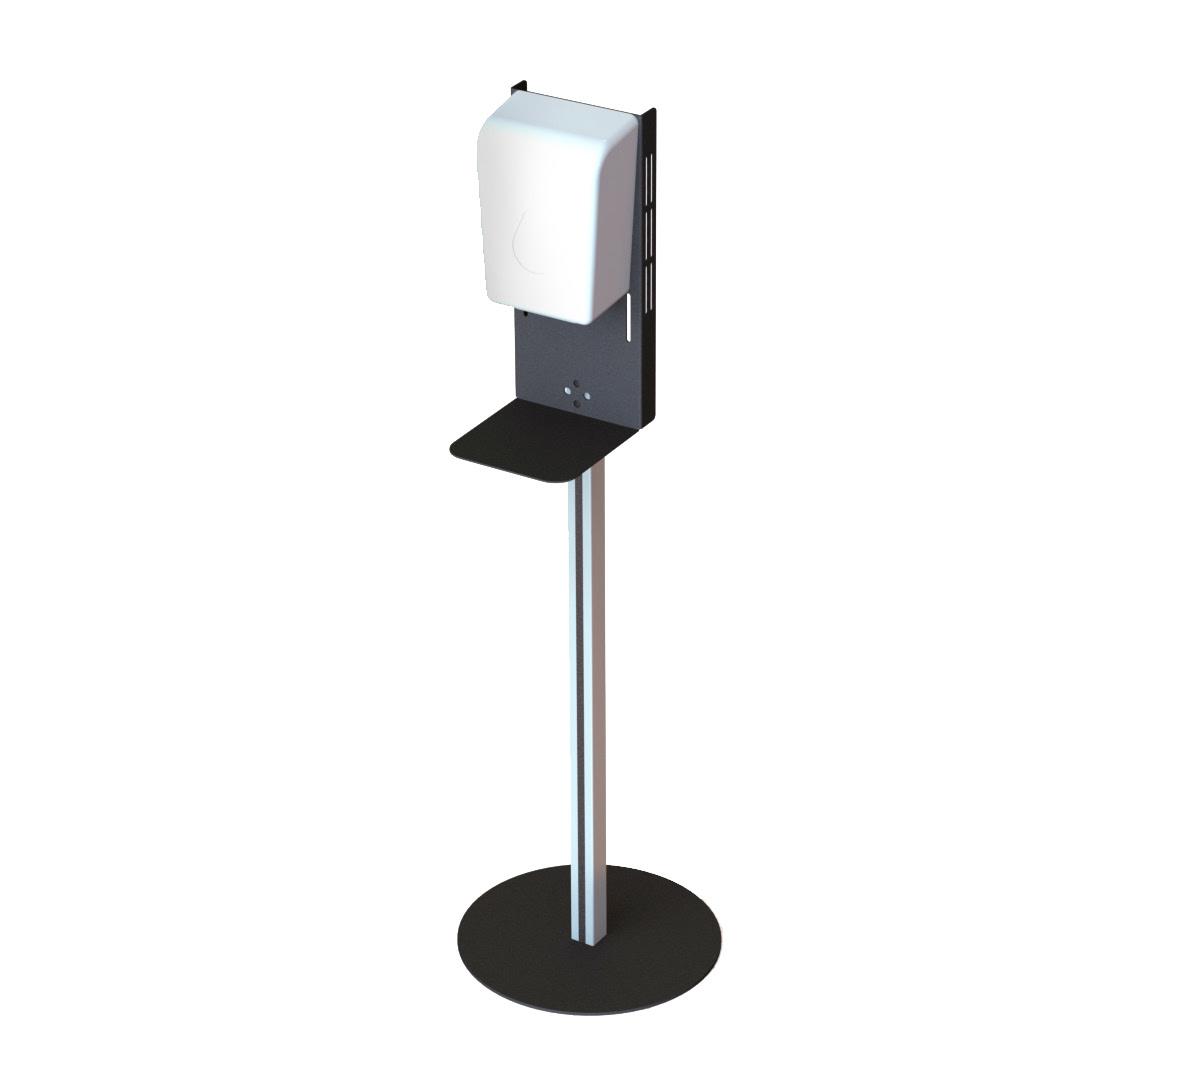 Freestanding Podium for Sanitiser Dispenser